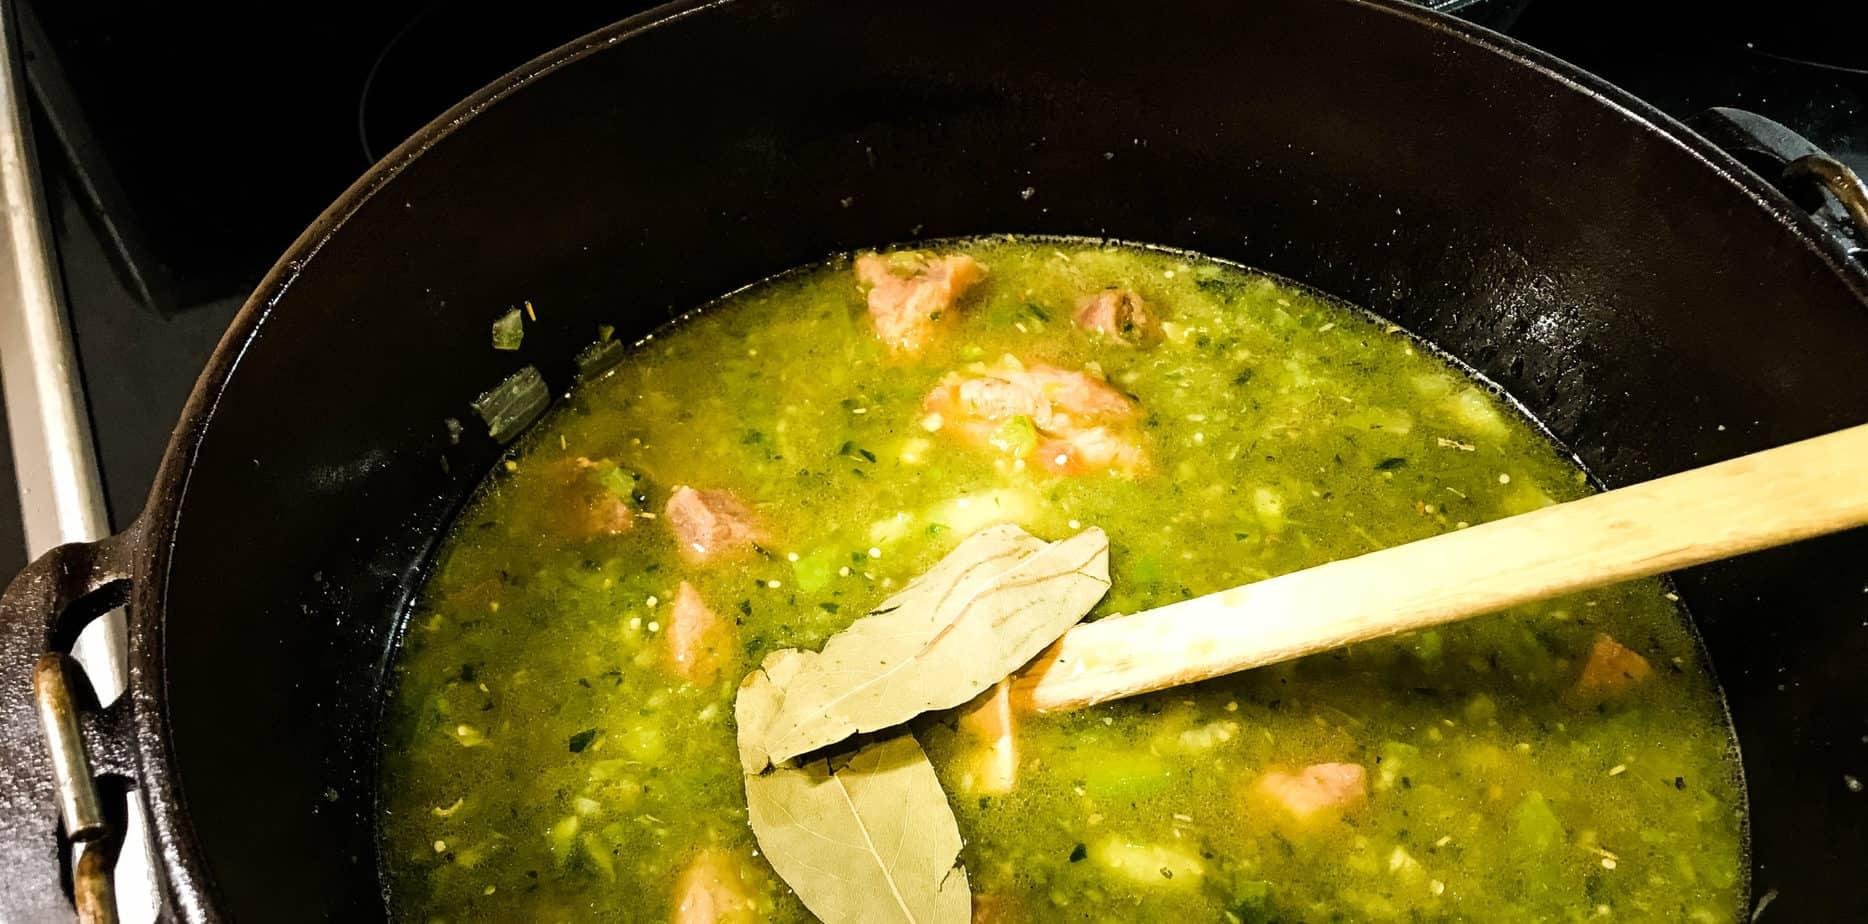 chili verde prepared in cast iron pot